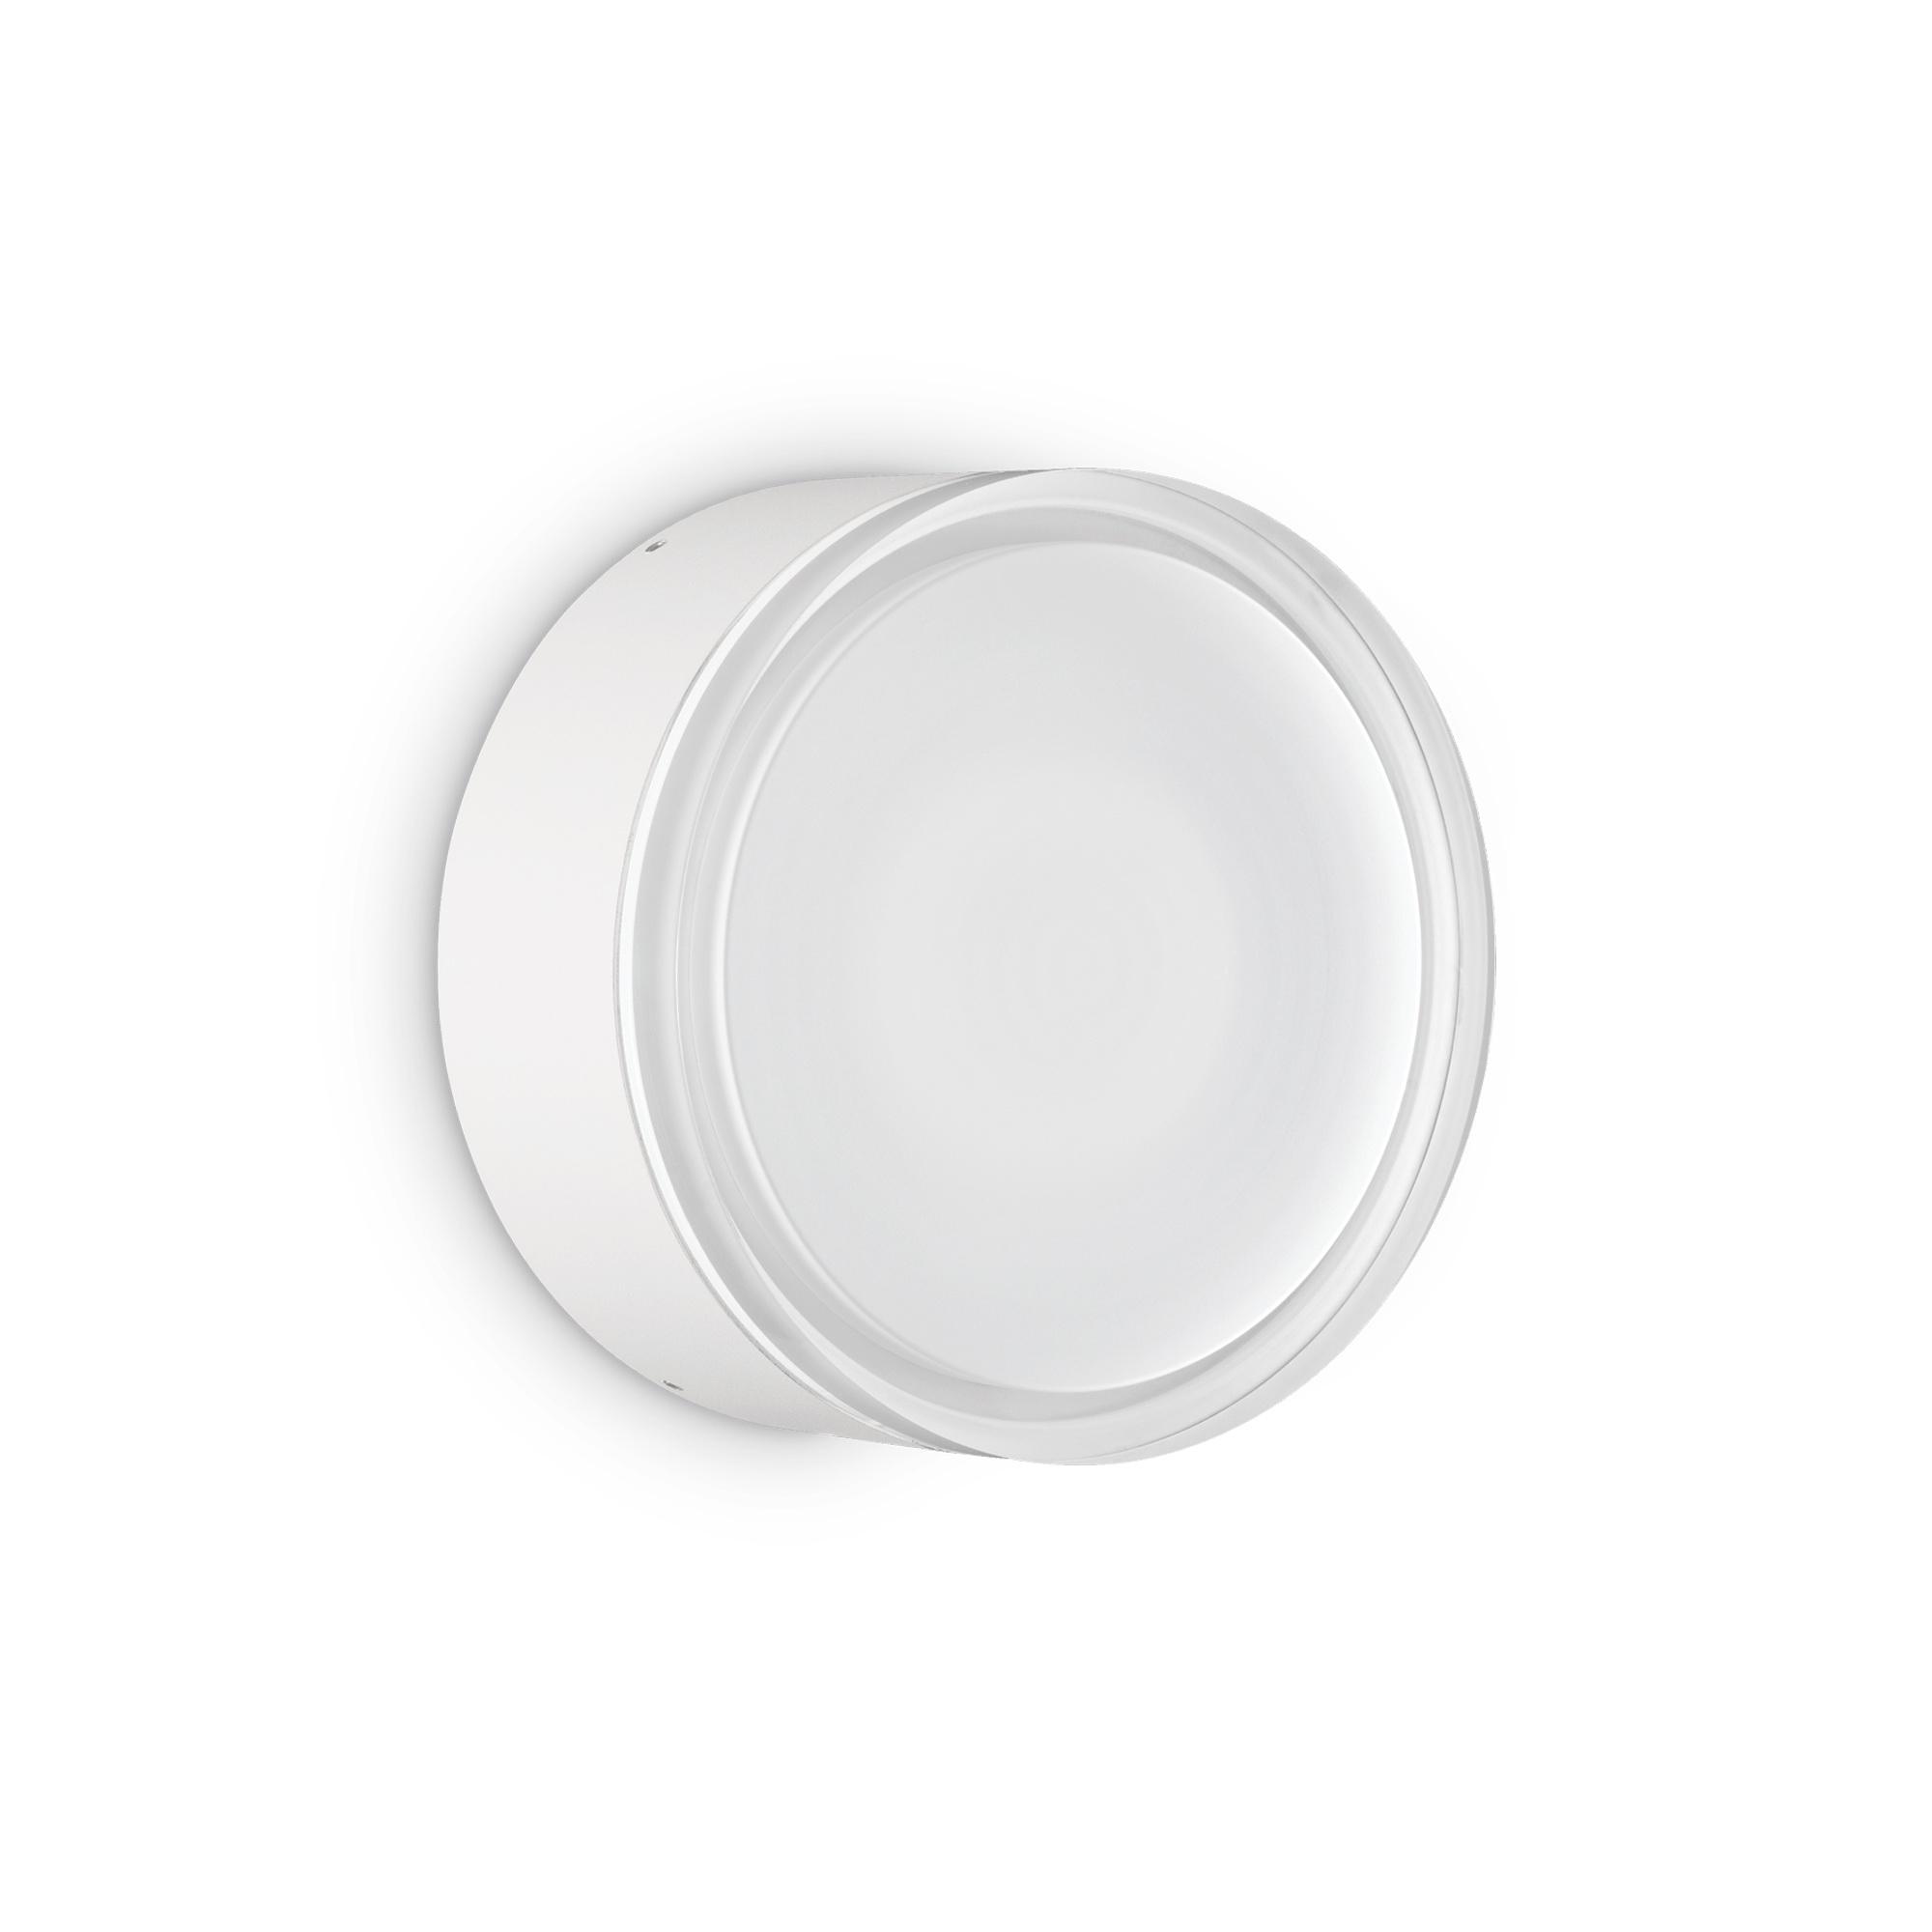 URANO PL1 BIG BIANCO уличный потолочный светильник белый